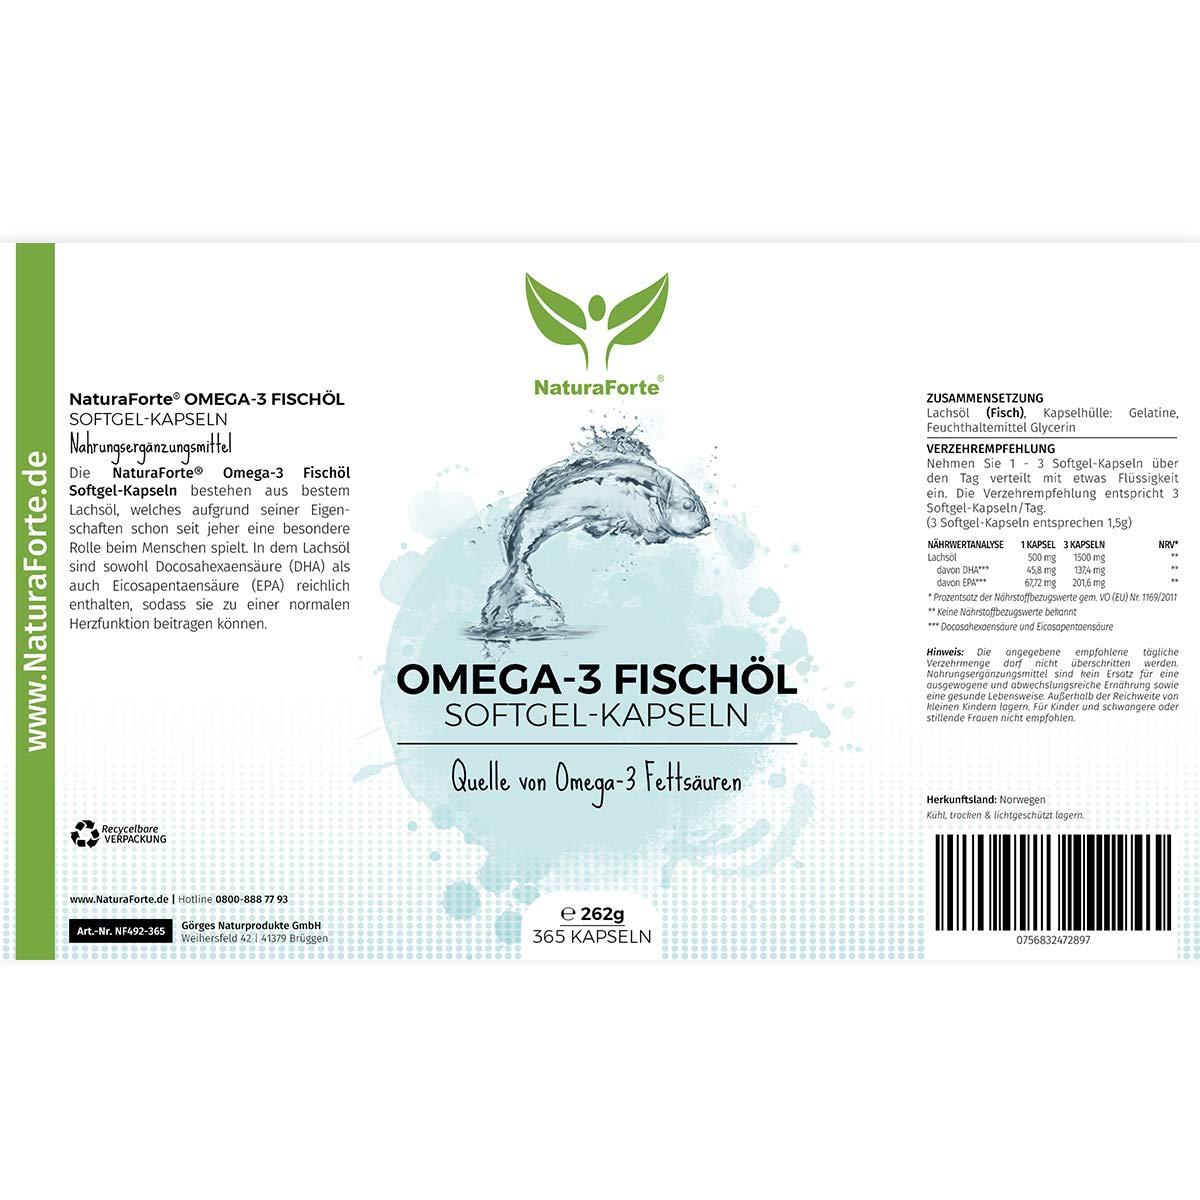 Omega 3 en Cápsulas (365 Cápsulas - Suministro Anual) - Máxima Potencia - EPA y DHA | NaturaForte: Amazon.es: Salud y cuidado personal